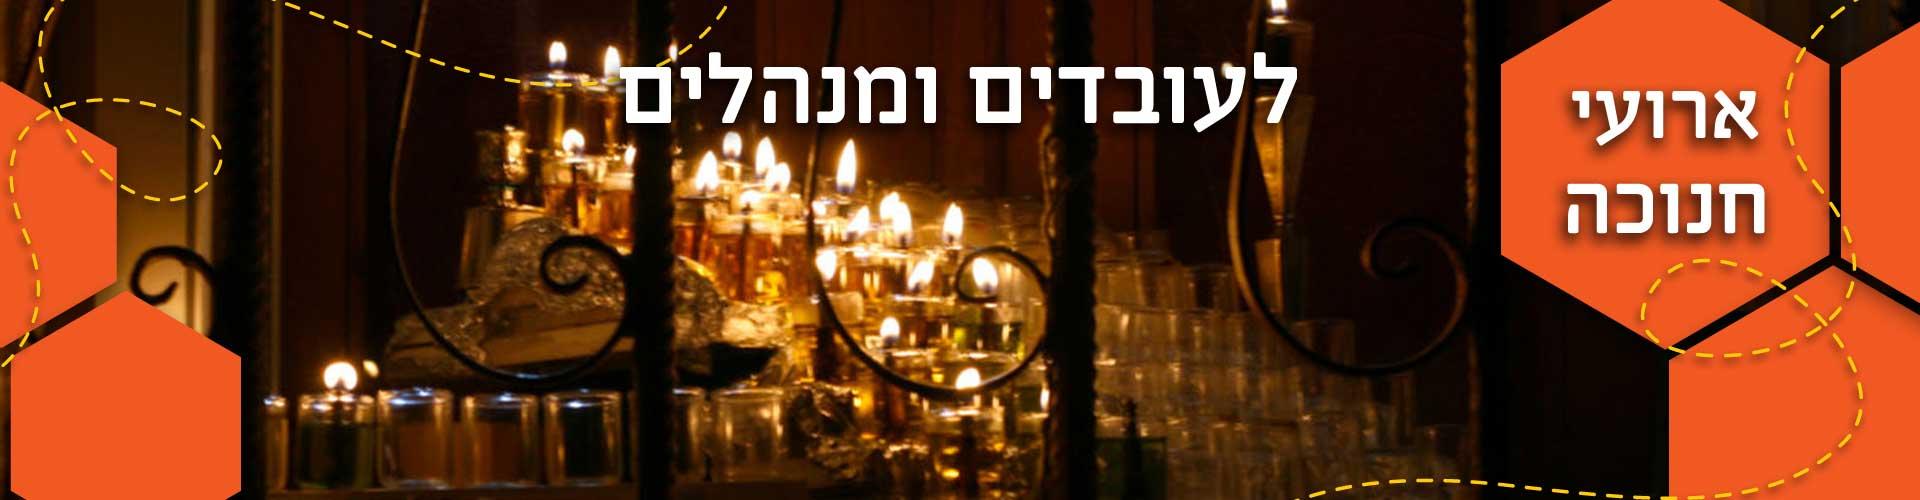 אירוע חנוכה לעובדים ומנהלים בירושלים